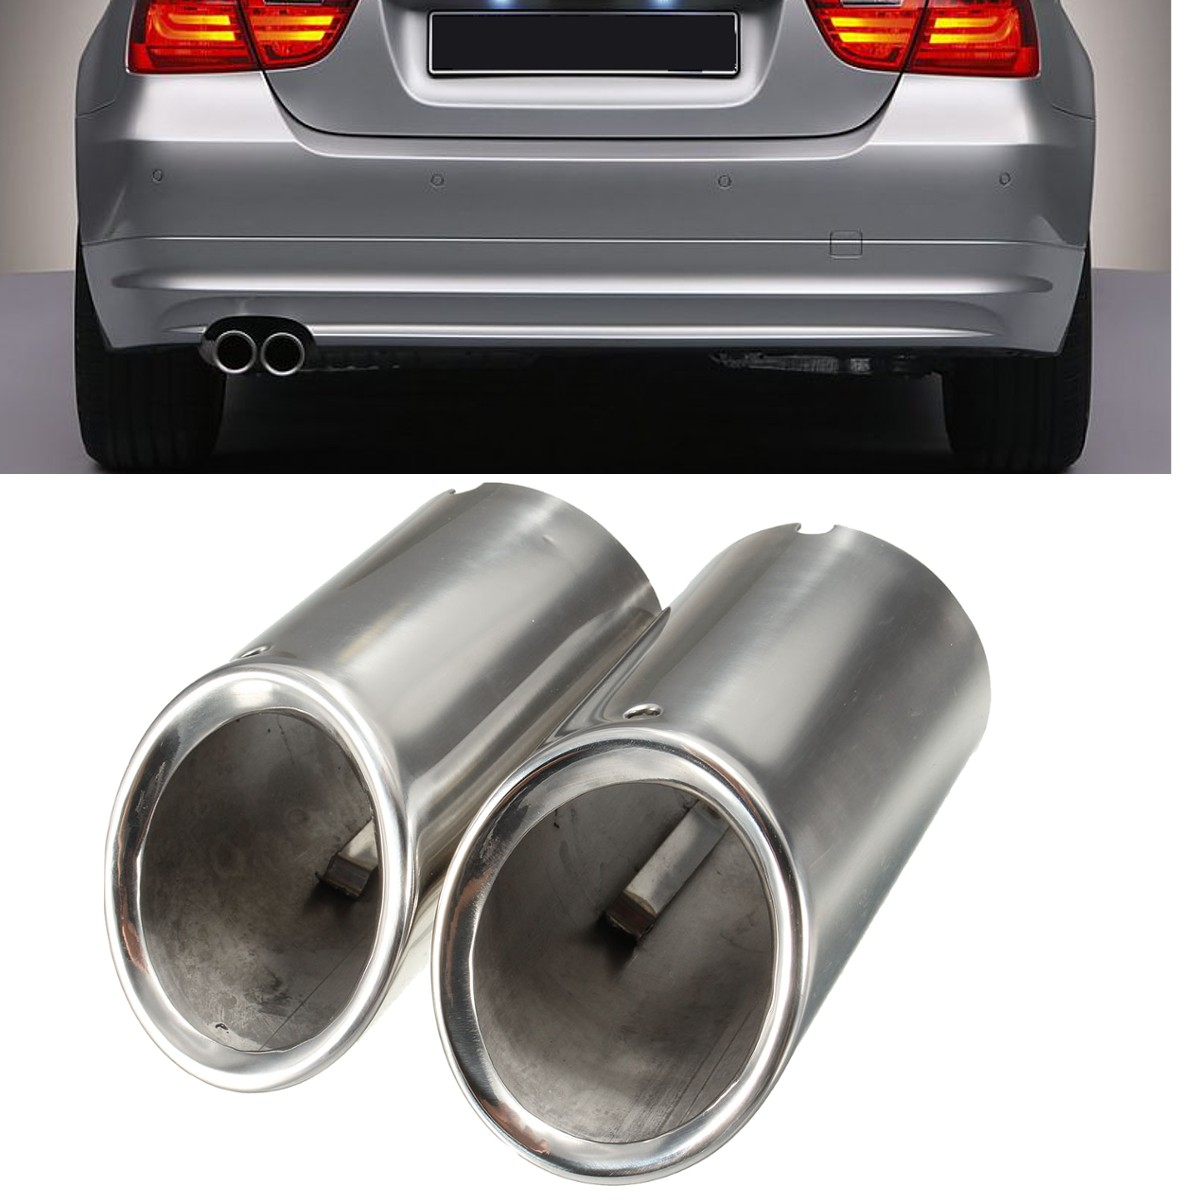 2 unids silenciador de escape punta cromo para BMW E90 E92 325i 328i 3 series 2006-2010